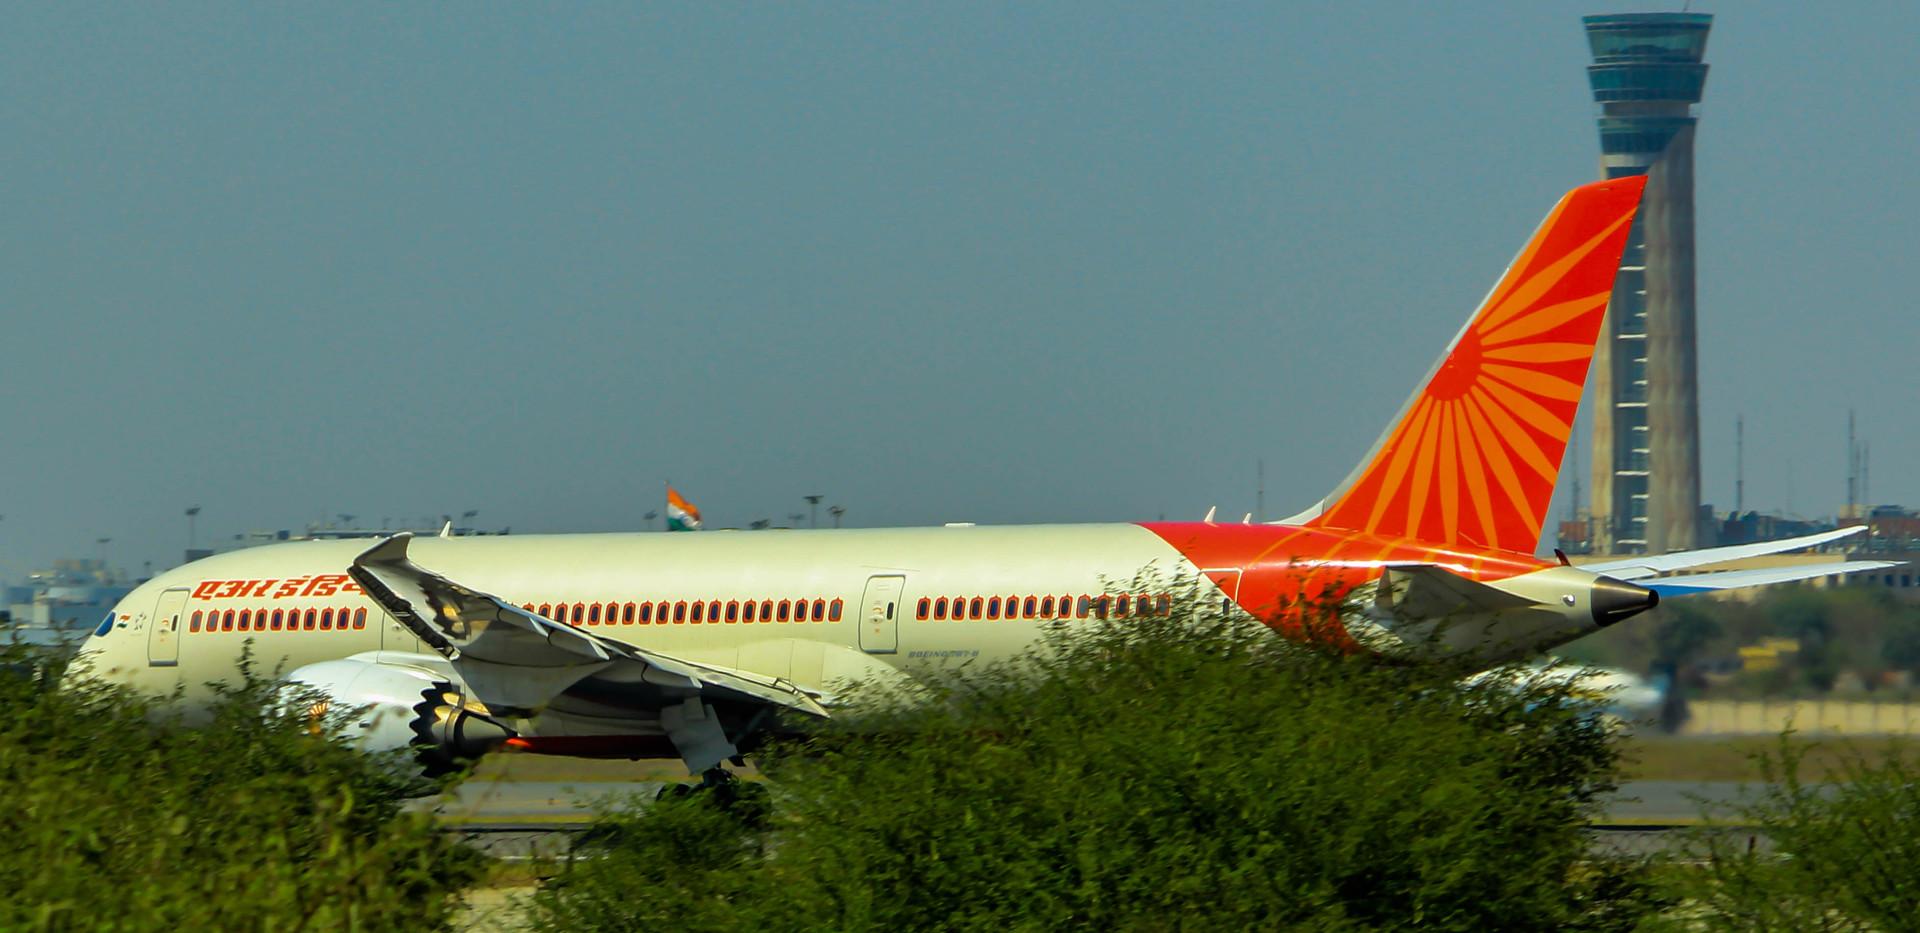 VT-ANO,Air India